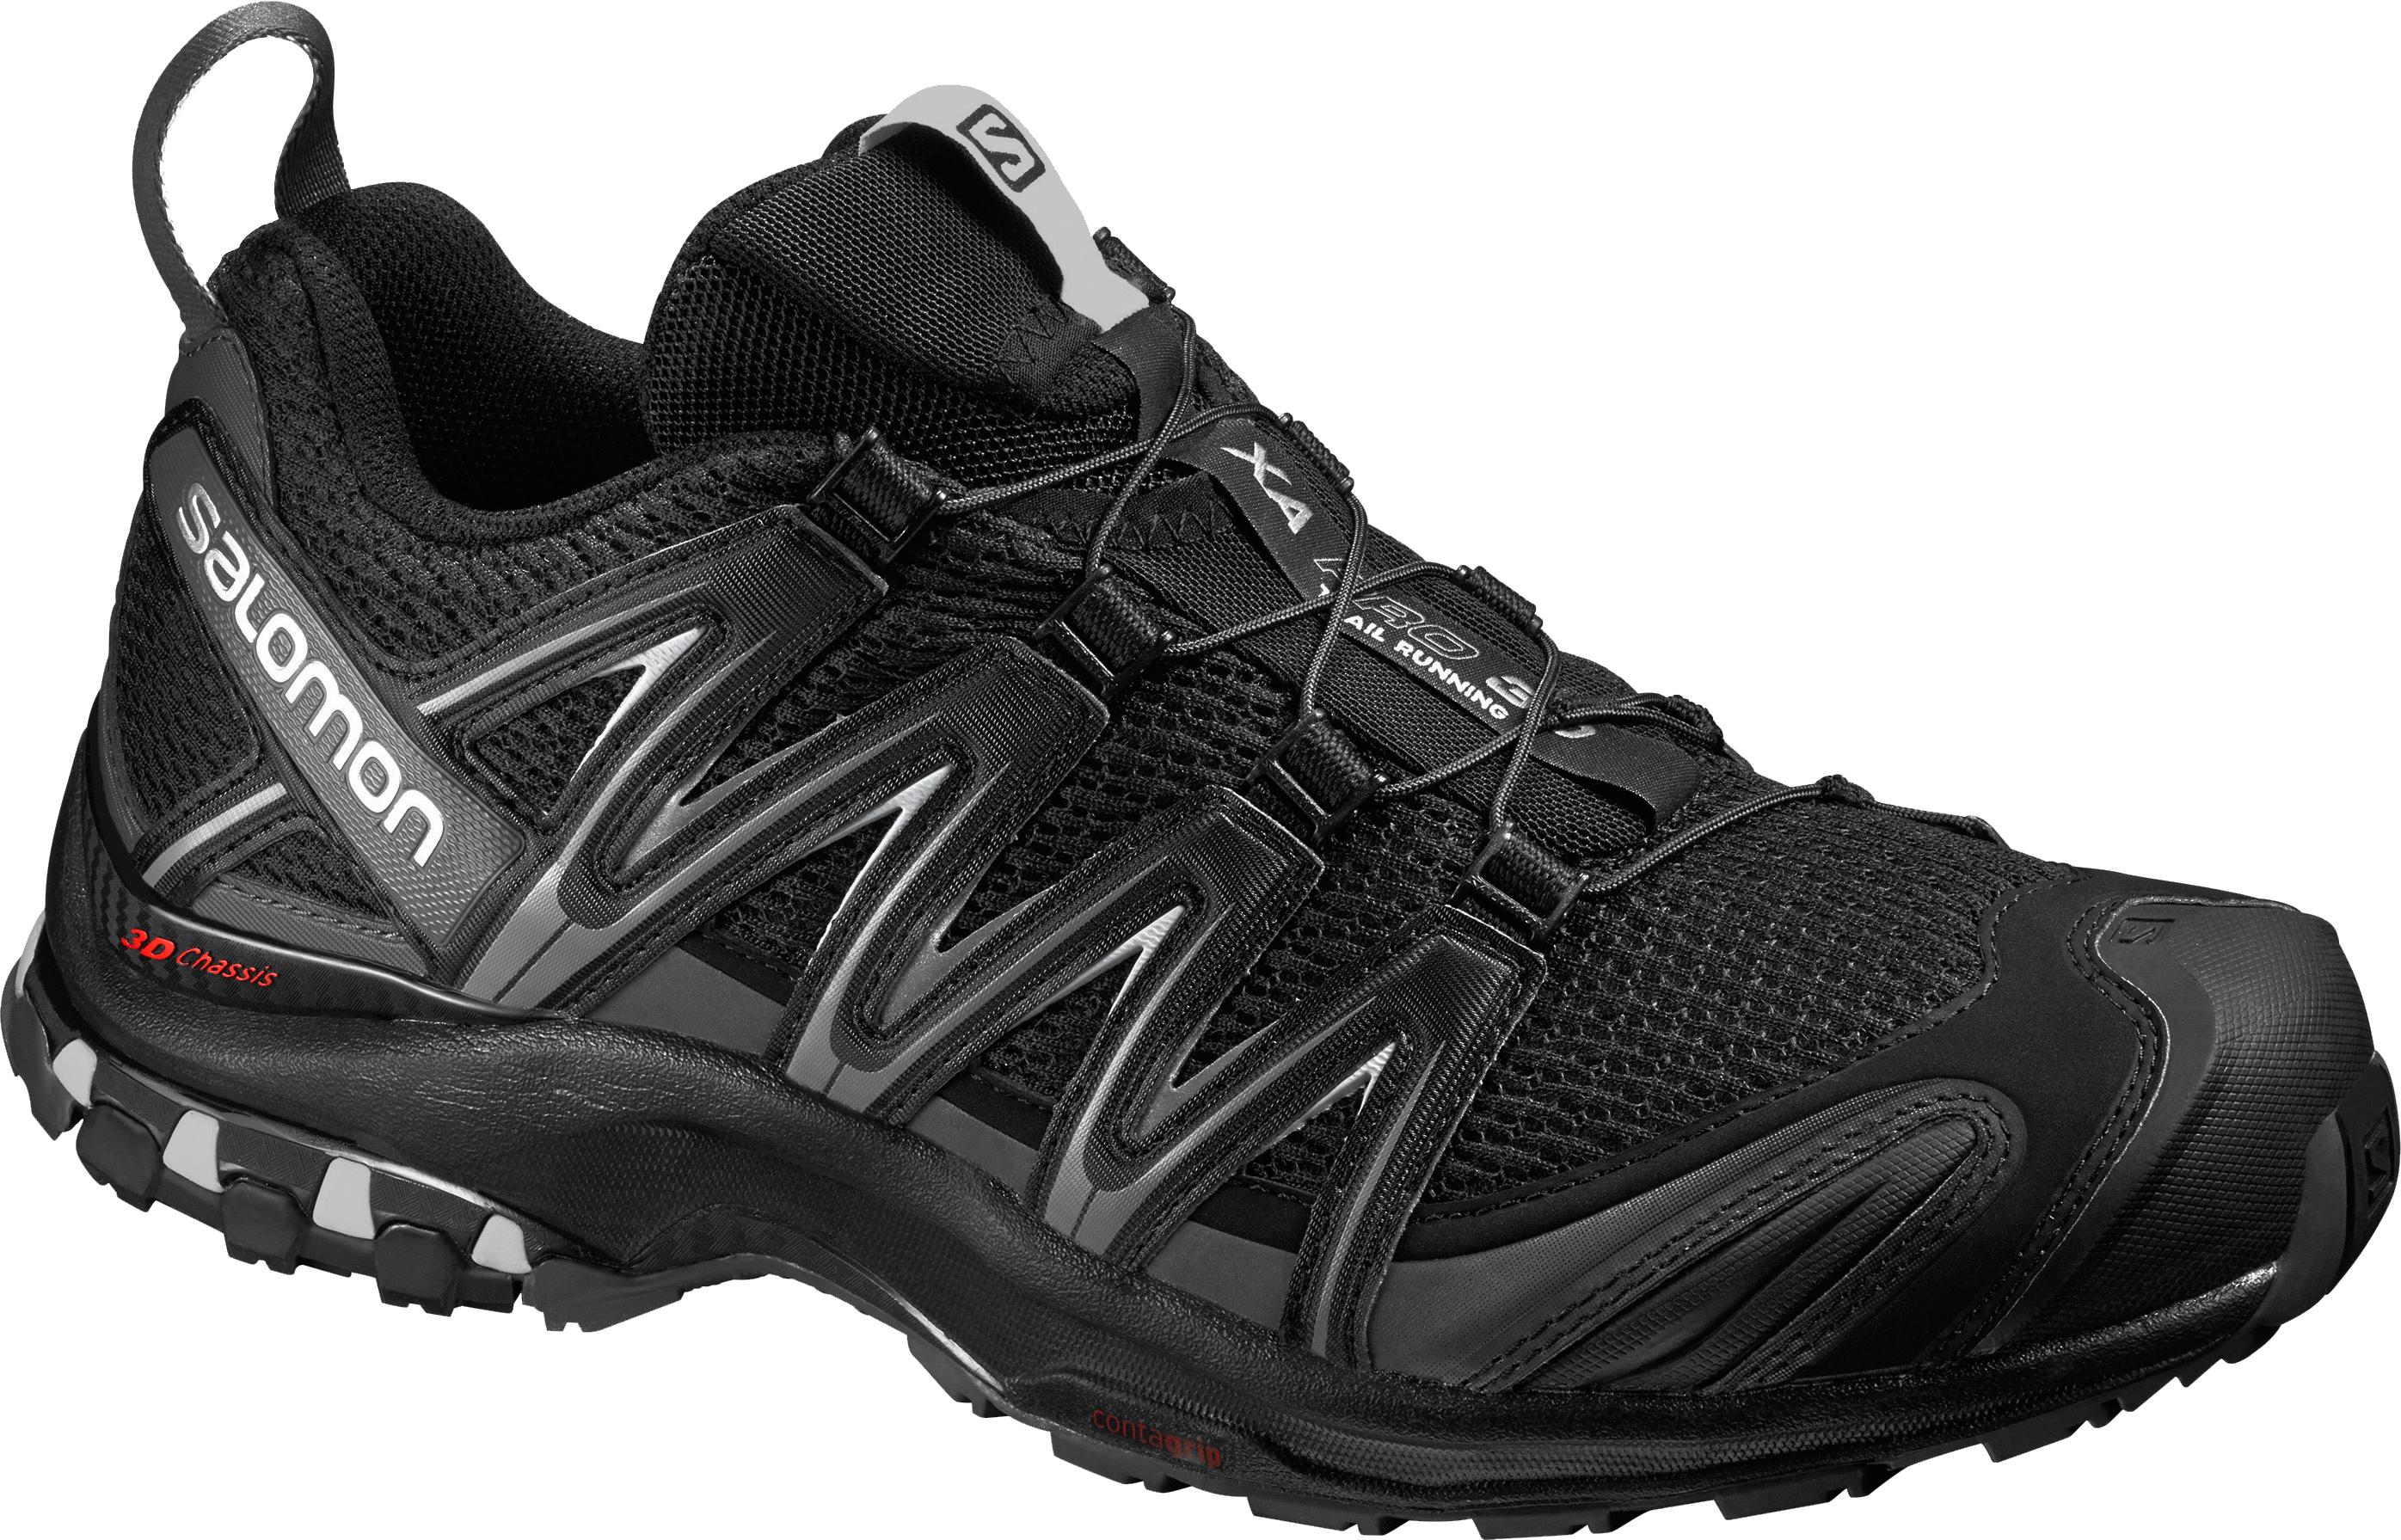 Chaussures de course sur sentier XA Pro 3D de Salomon Hommes